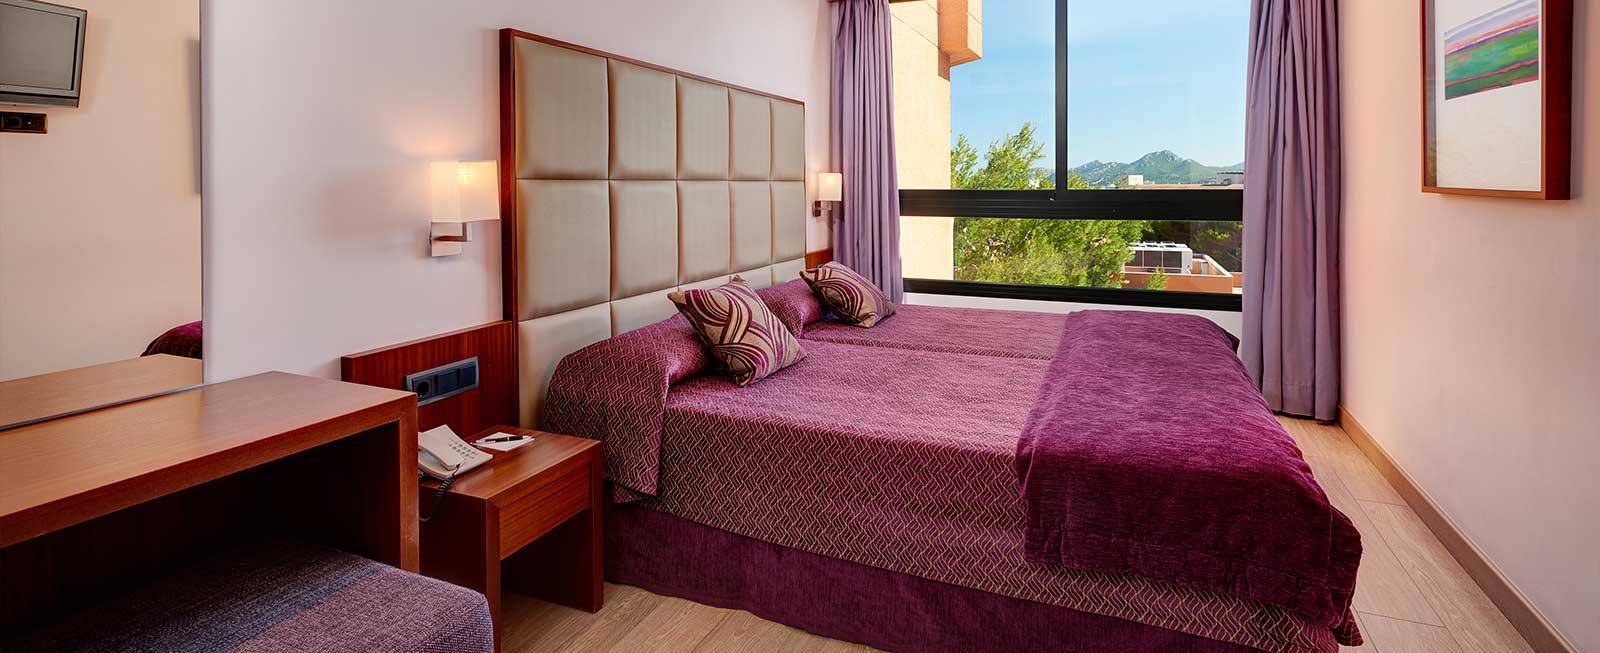 Junior Suite Familiar Hotel Cala Rajada Protur Turo Pins